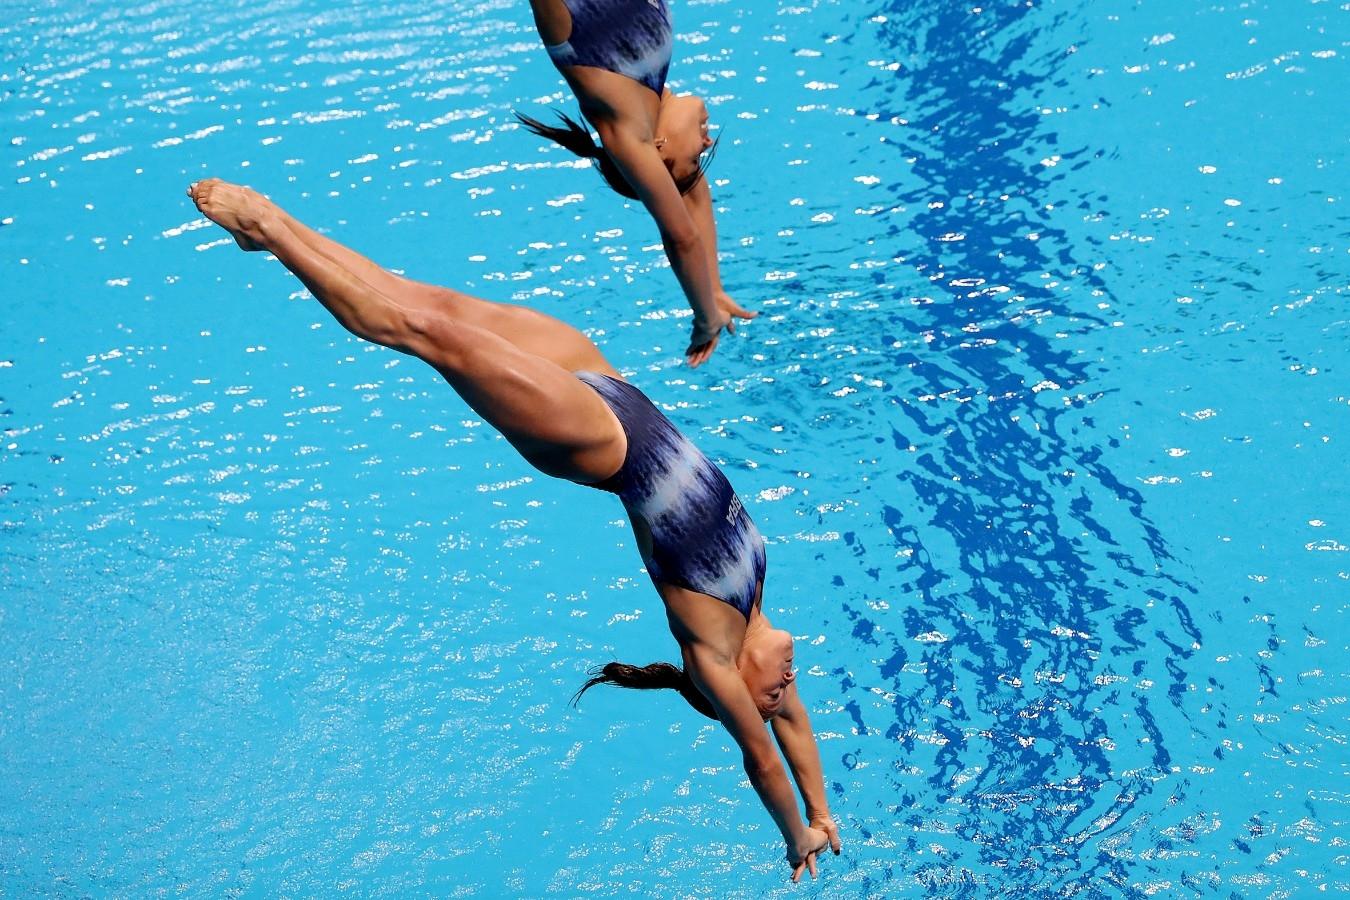 Tammy, Luana. Campeonato Mundial de Desportos Aquaticos. Duna Arena. 17 de Julho de 2017, Budapeste, Hungria. Foto: Satiro Sodré/SSPress/CBDA